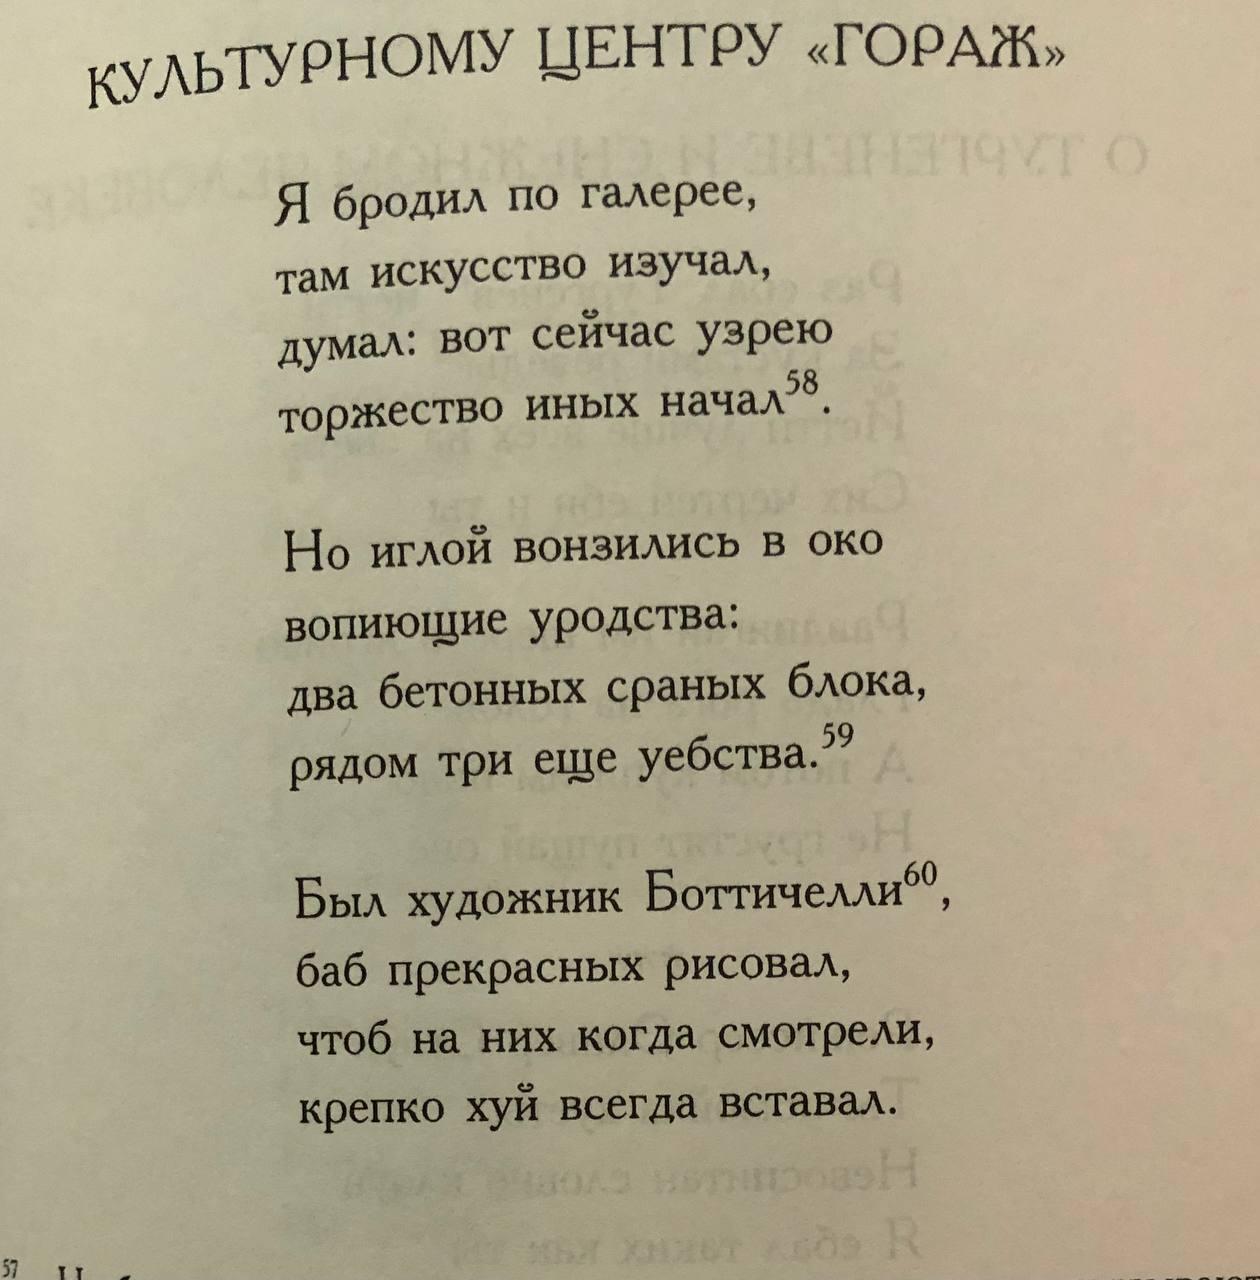 nastroenie-lirika-i-tonkie-materii-pochityvayu-etim-pozdnim-vecherom-klassika